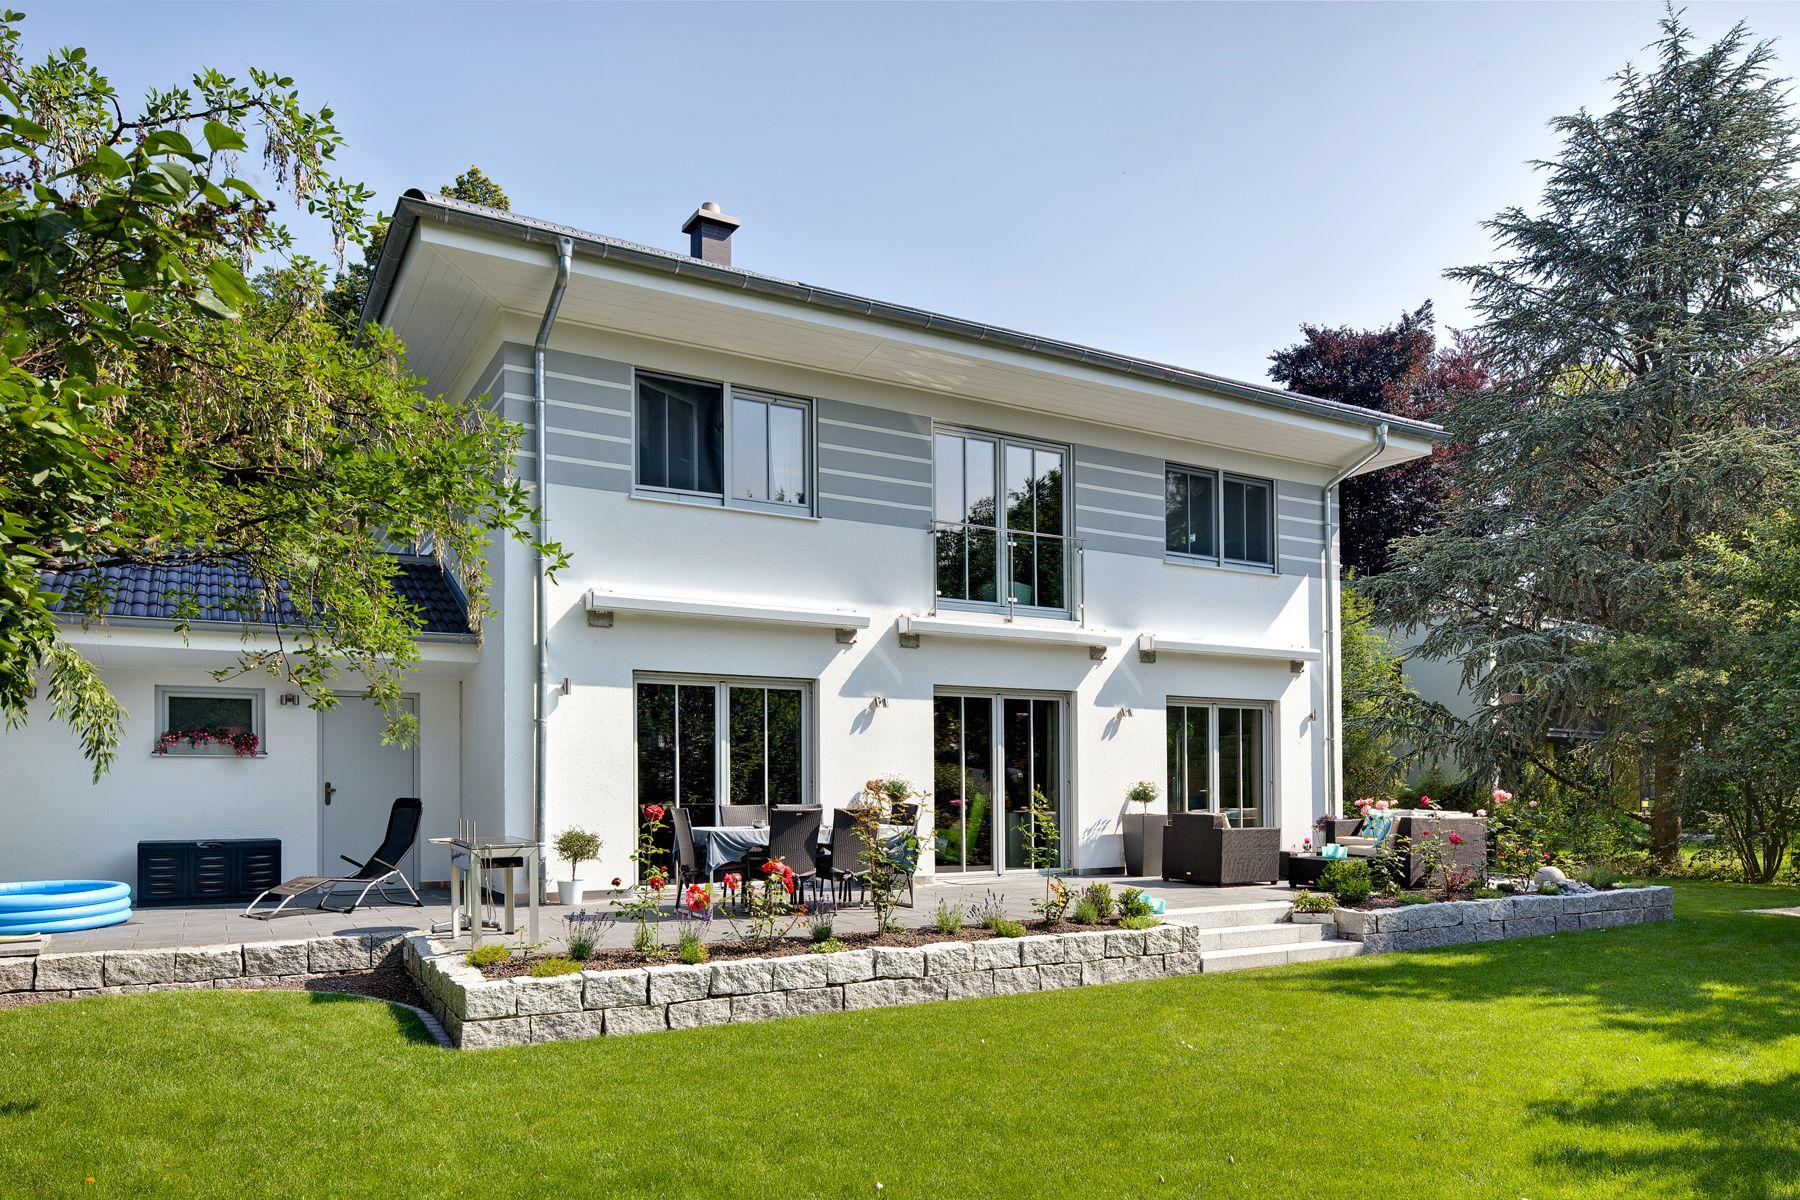 Haus mit garten  Fantastisches Haus mit Garten und Terrasse. | LUXHAUS ...